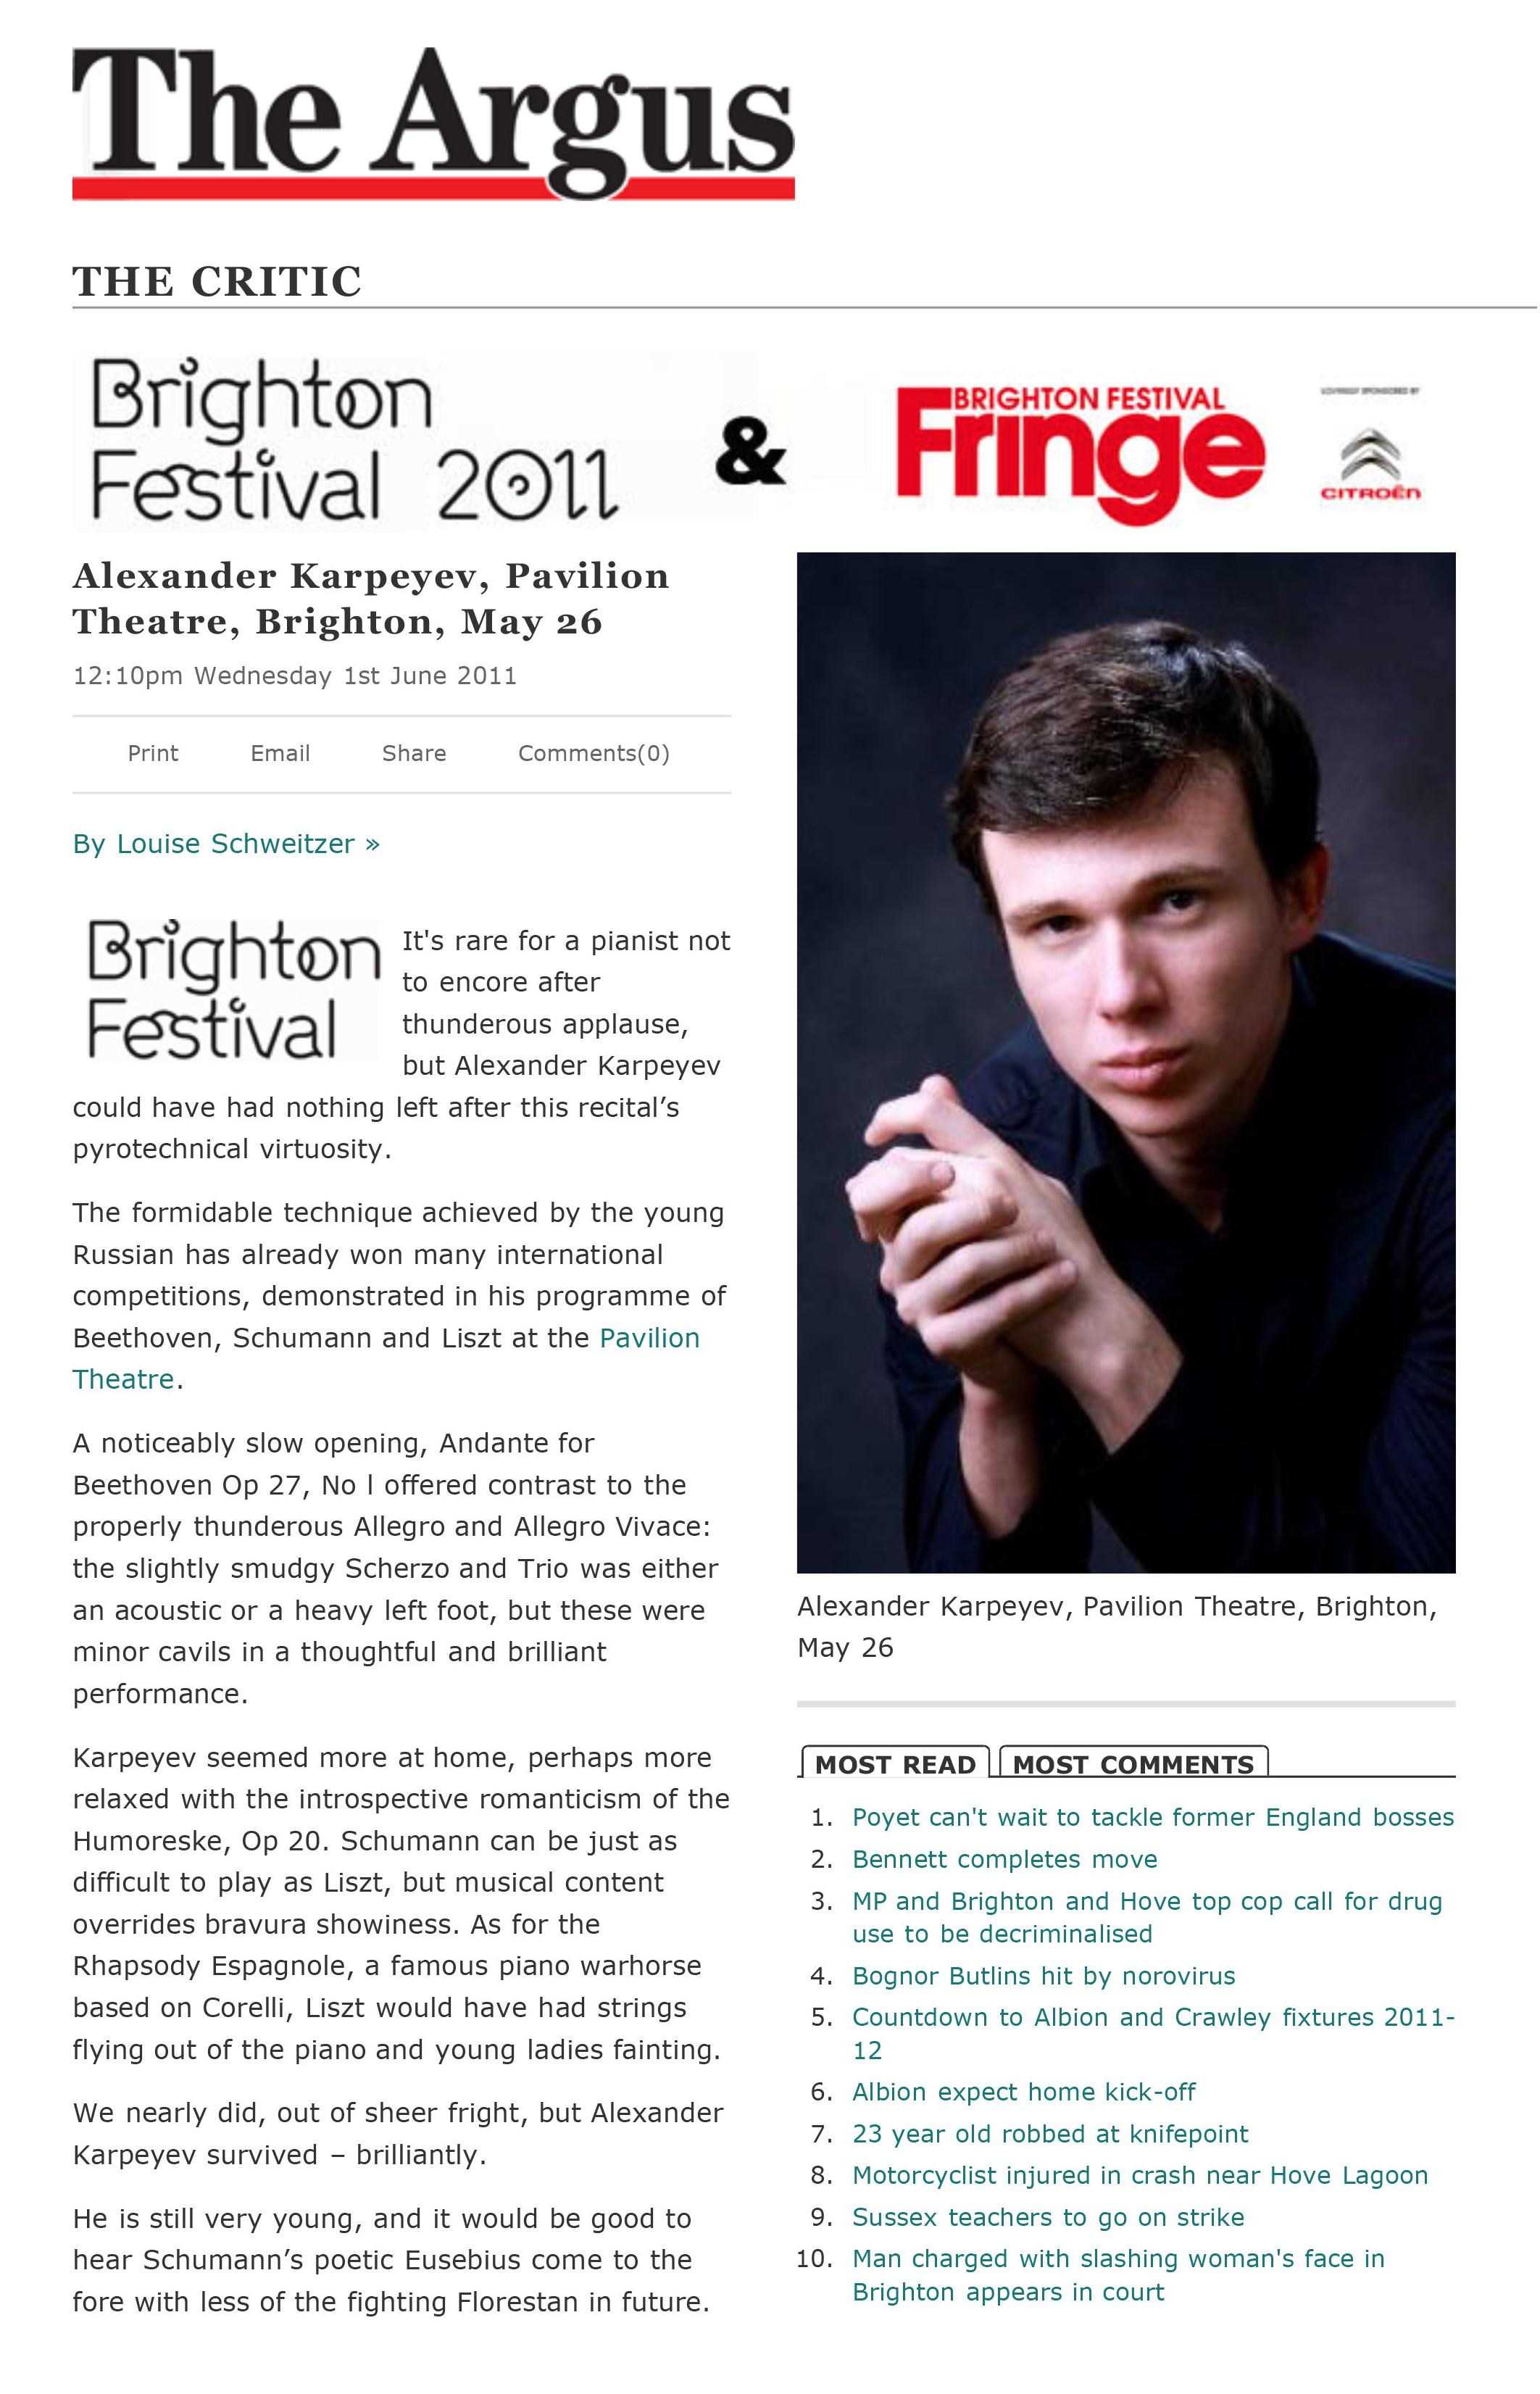 BRIGHTON FESTIVAL (2011)